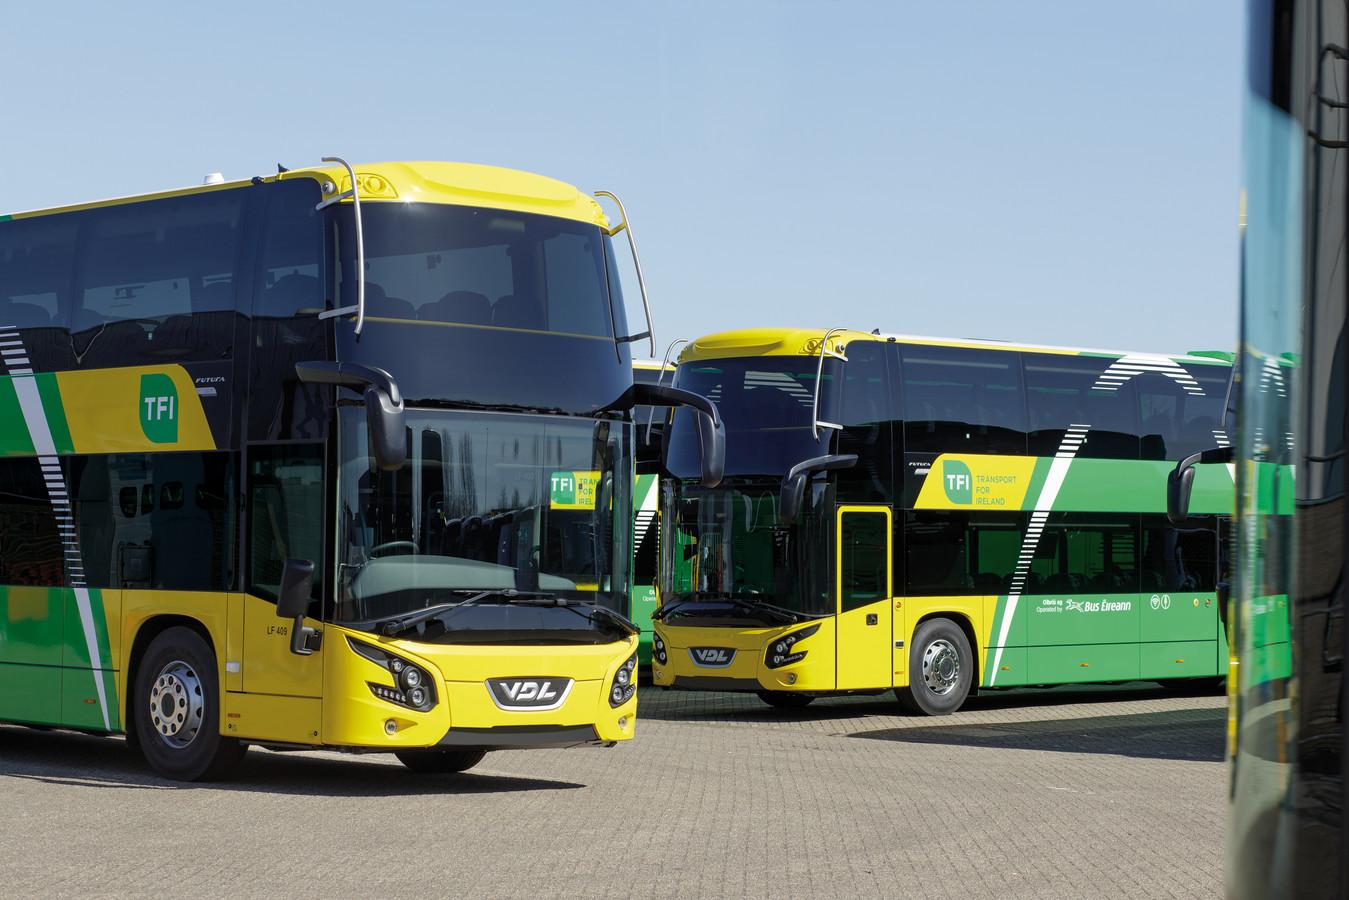 Futura-touringcars van VDL worden ingezet in het openbaar vervoer in Ierland.